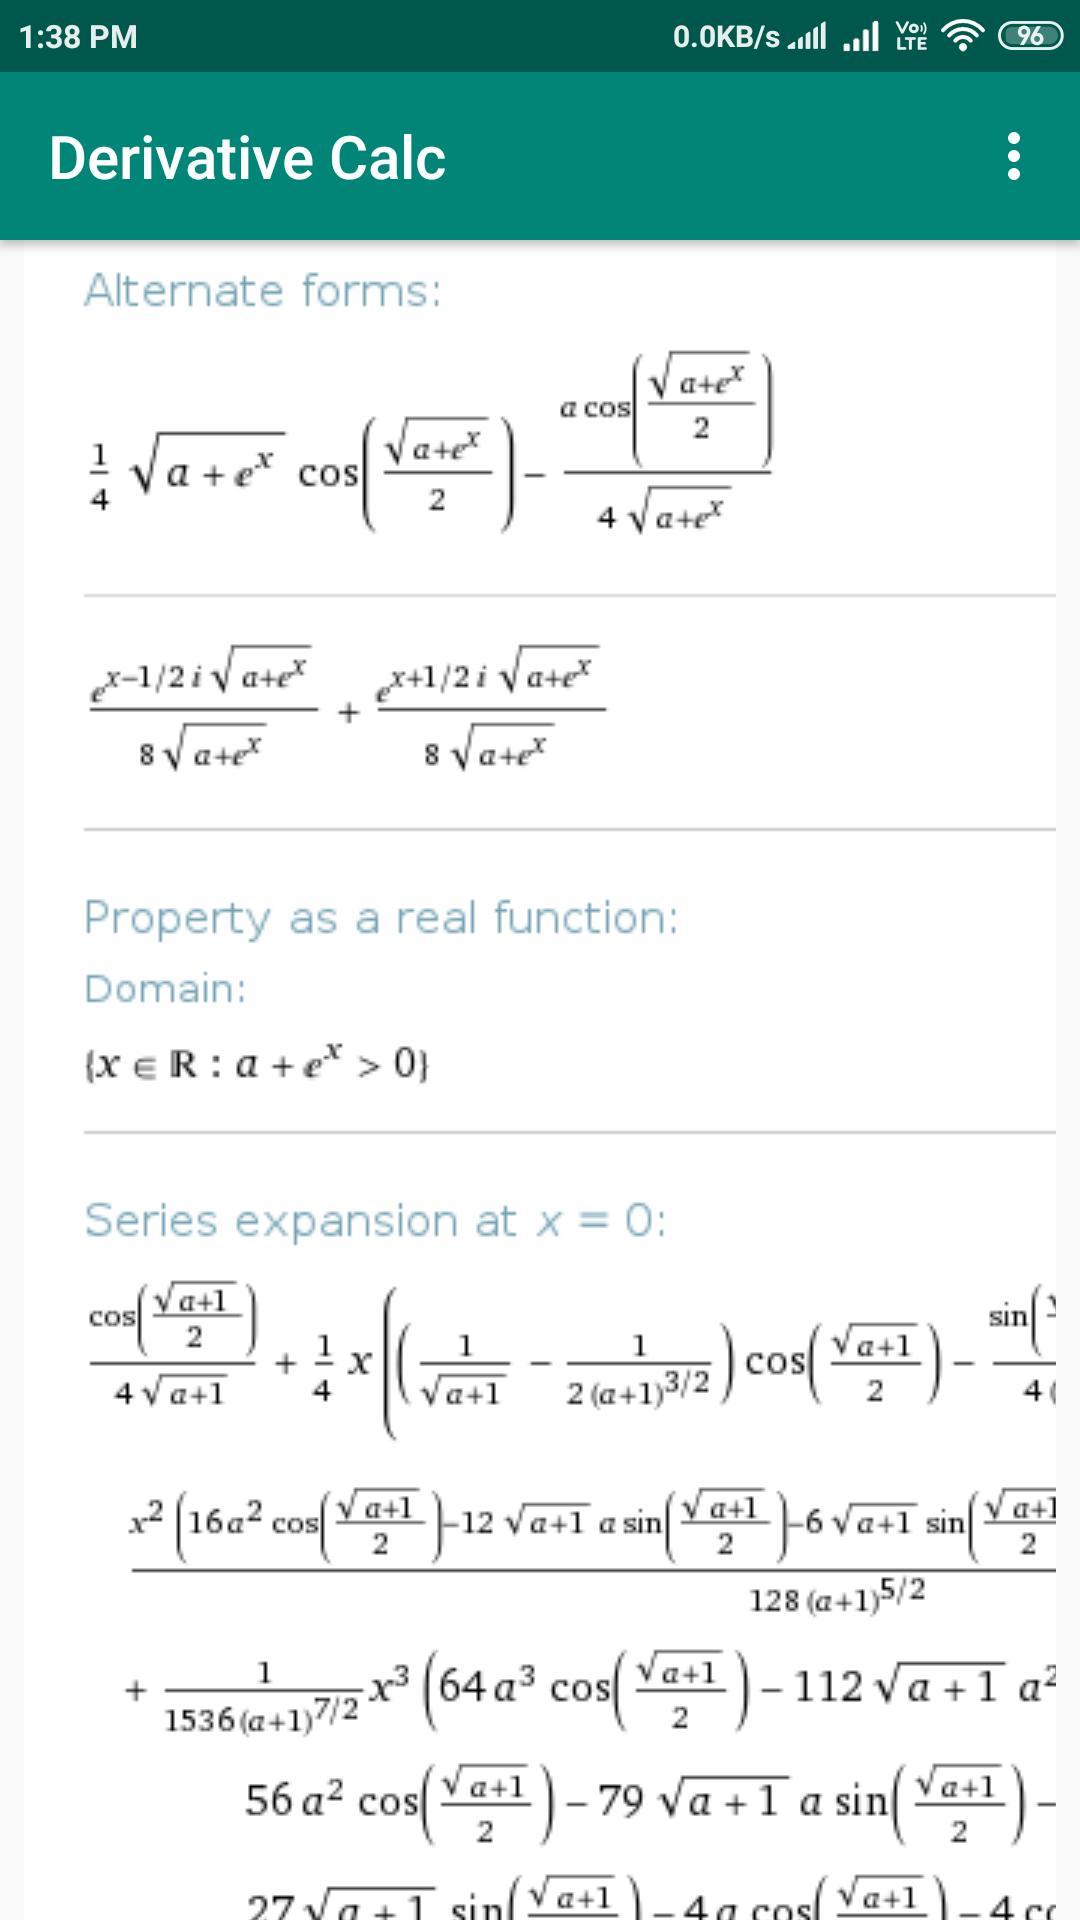 Derivative Calc poster